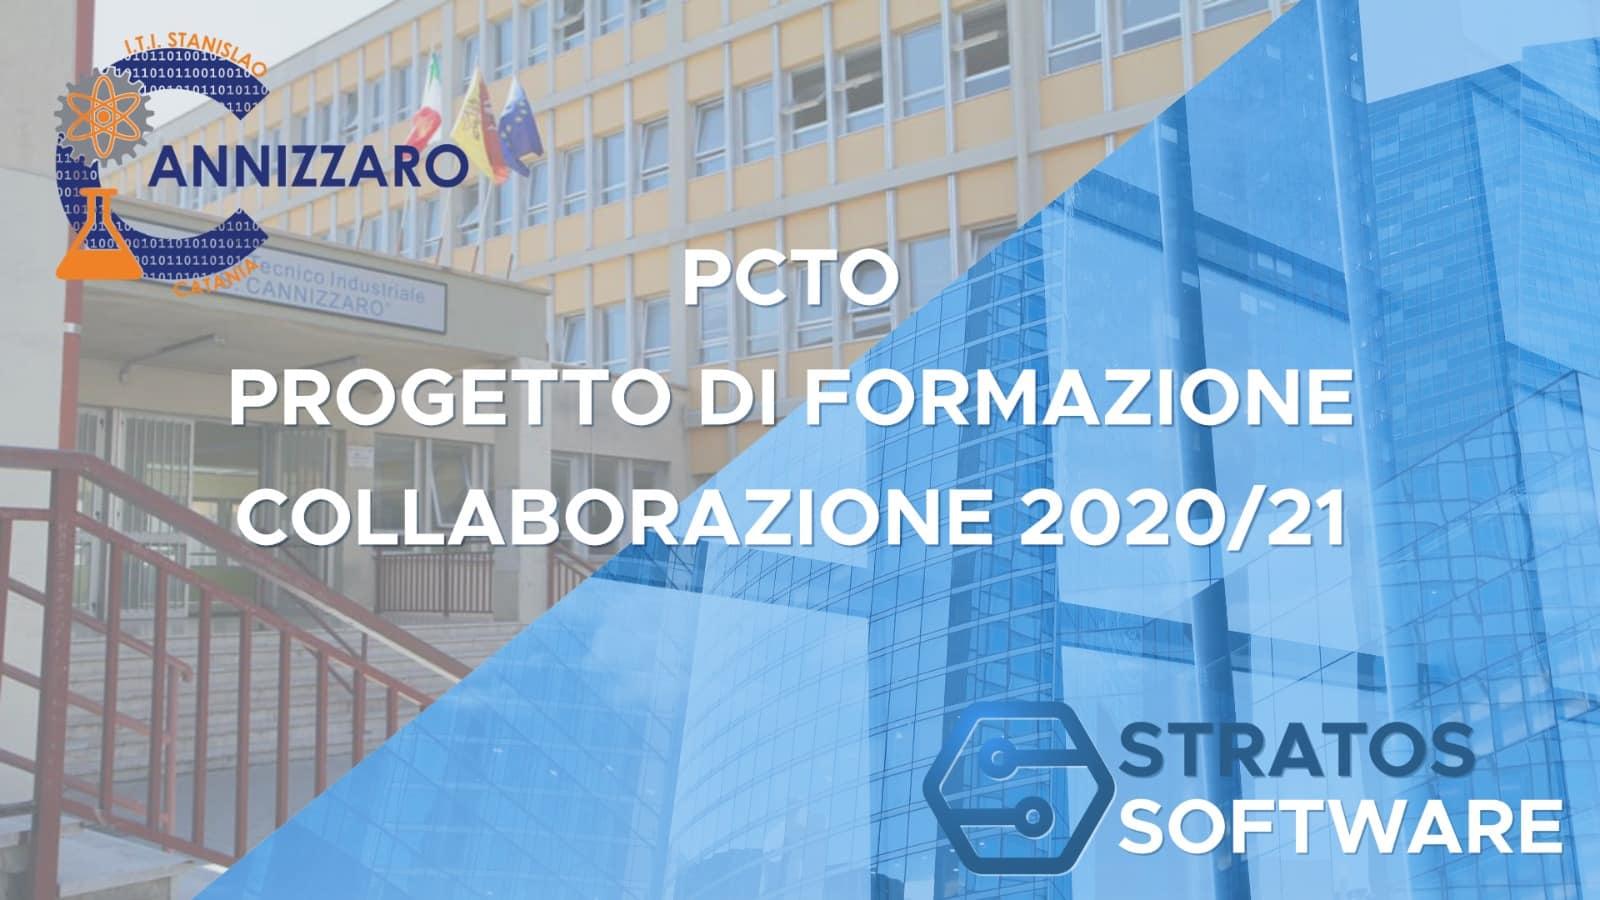 """PCTO 2020/21, formazione in azienda tra Stratos Software ltd e ITI """"S. Cannizzaro"""